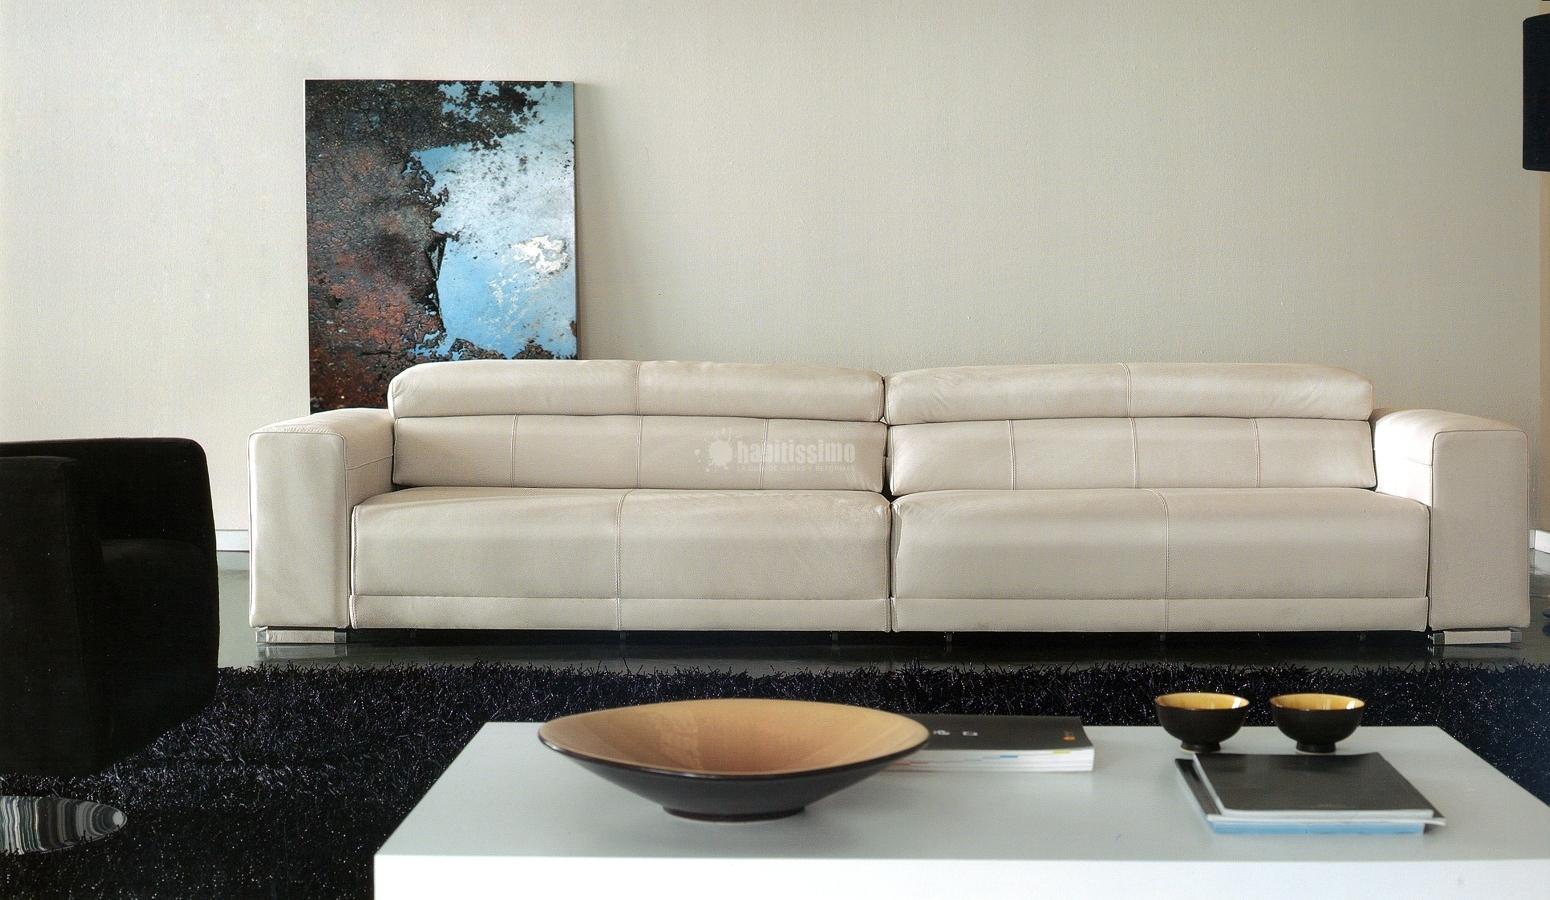 Oferta sof 256 piel blanca mando a distancia ofertas for Sofas rinconeras piel ofertas